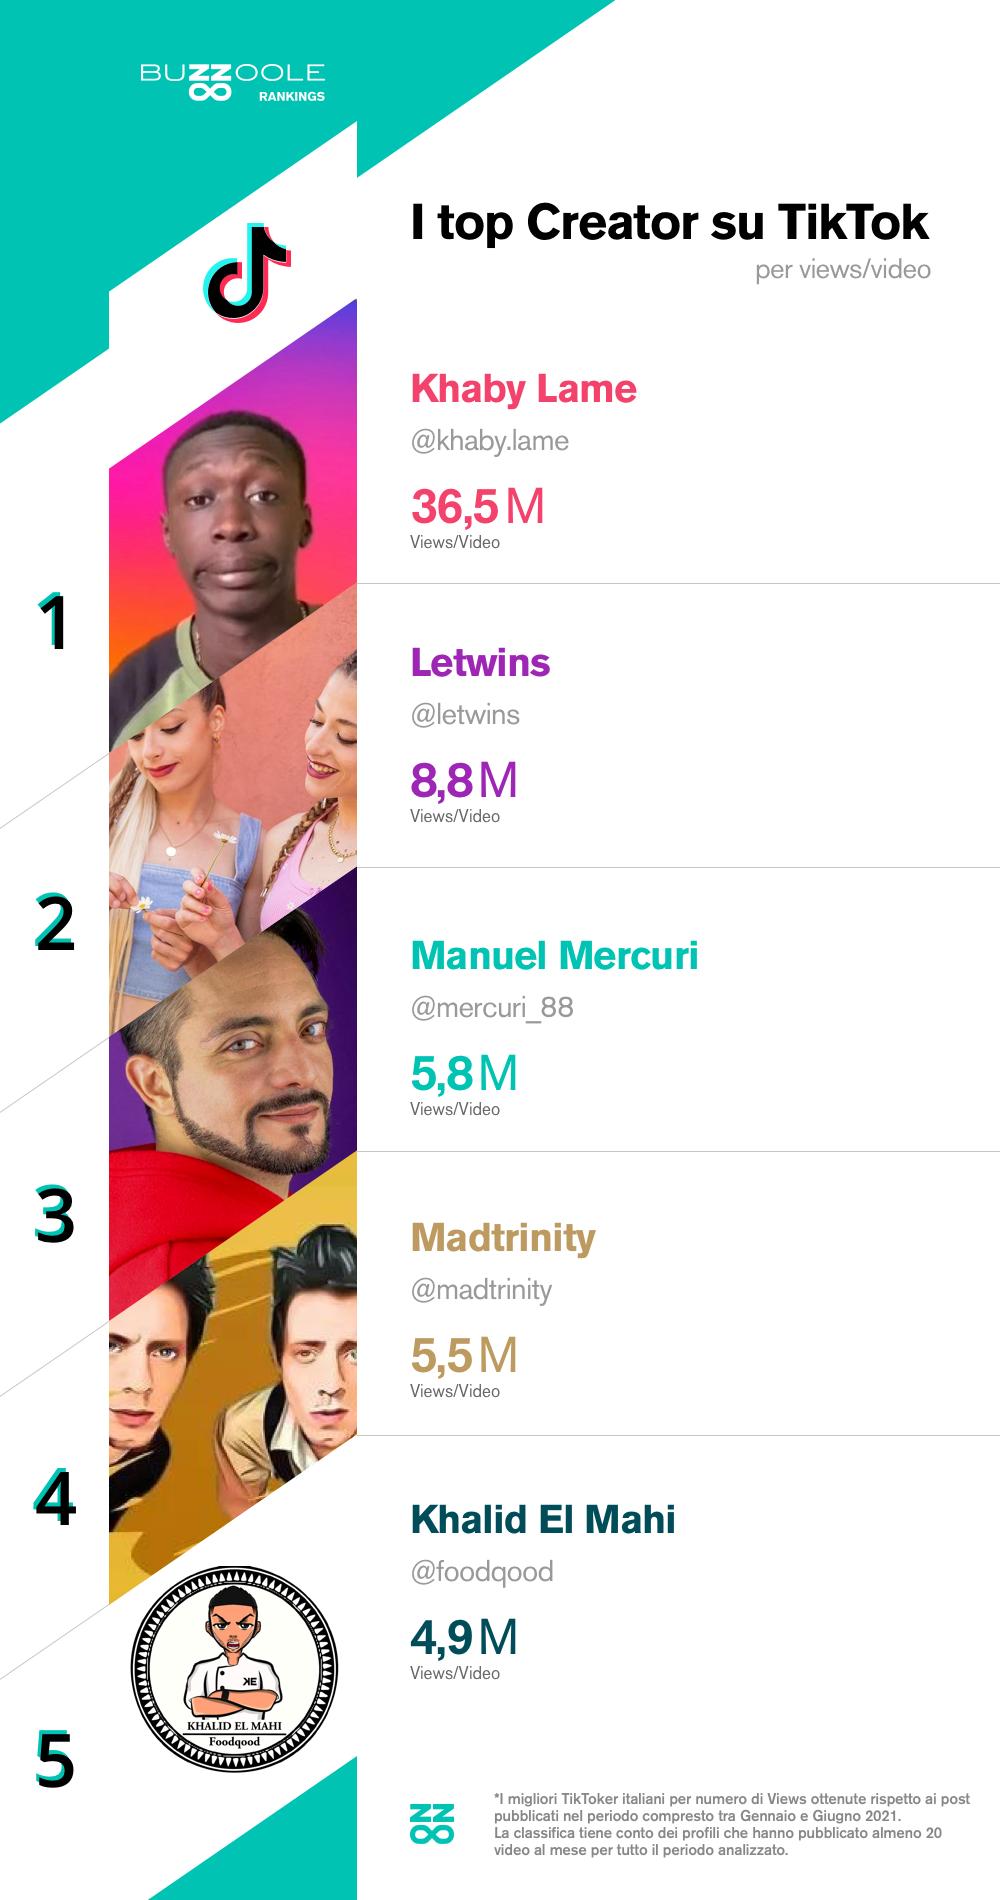 Classifica Top influencer italiani su tiktok per visualizzazioni ai video: 1. @khaby.lame 2. @letwins 3. @mercuri_88 4. @madtrinity 5. @foodqood